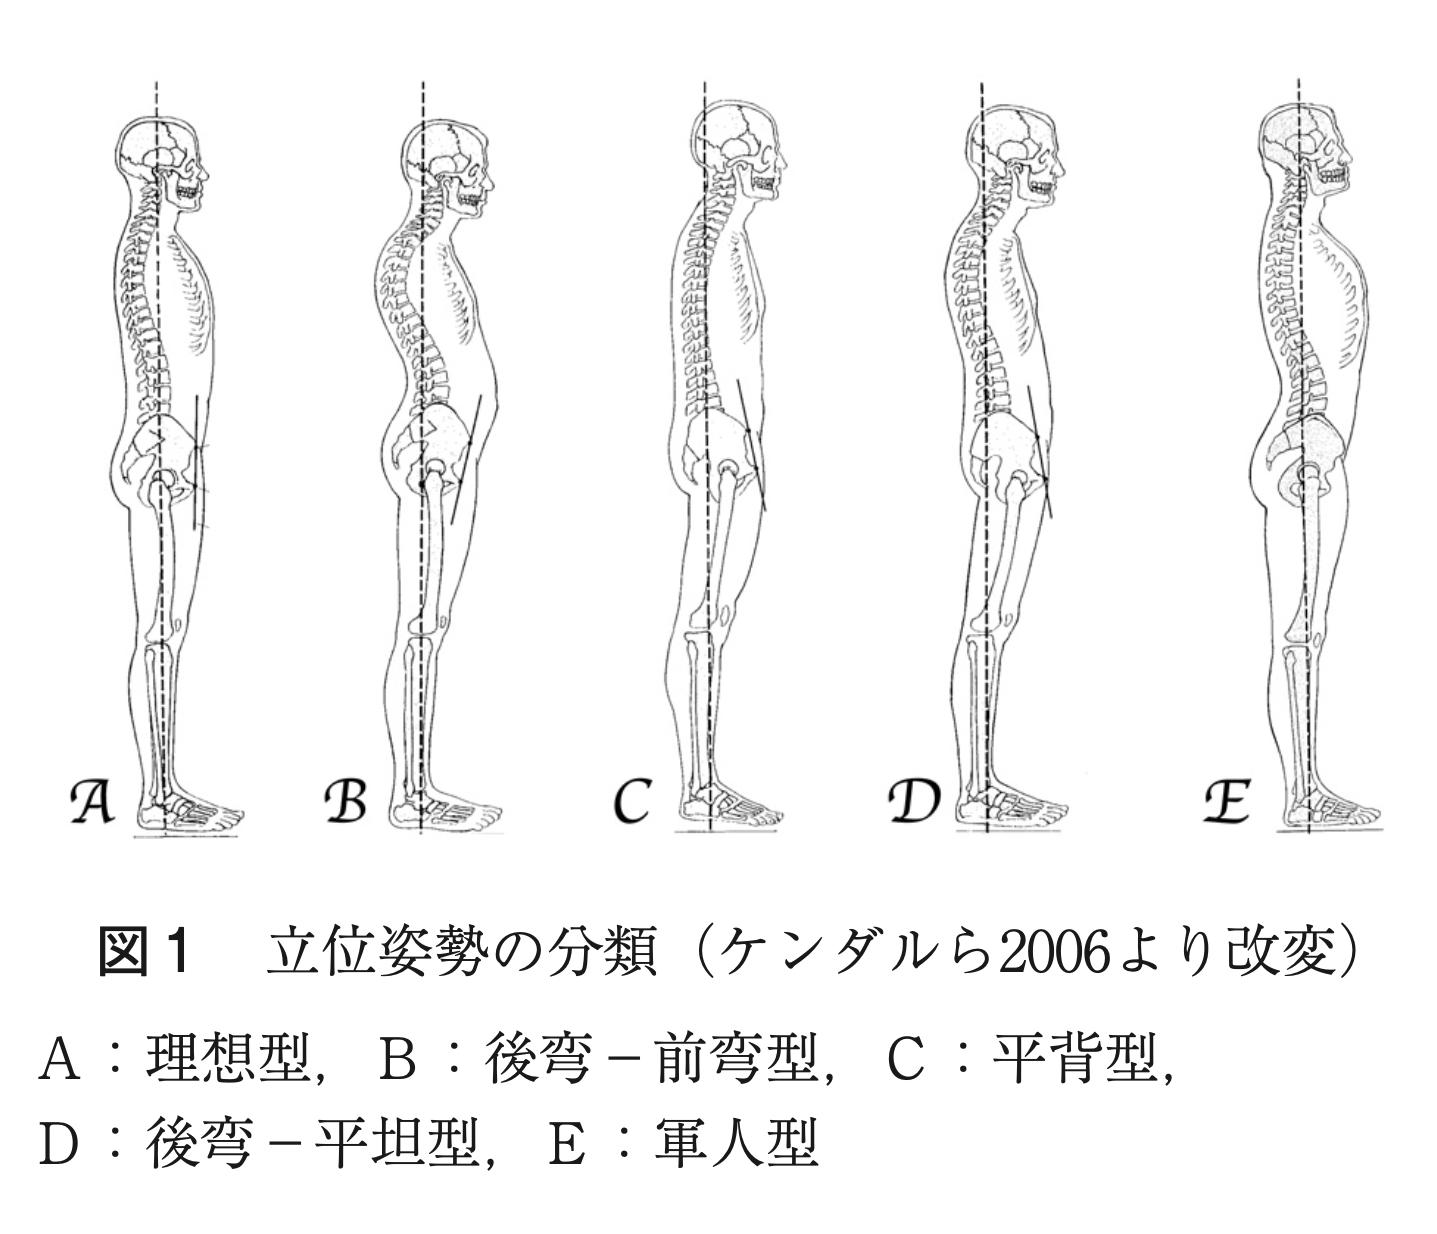 5つの姿勢タイプ